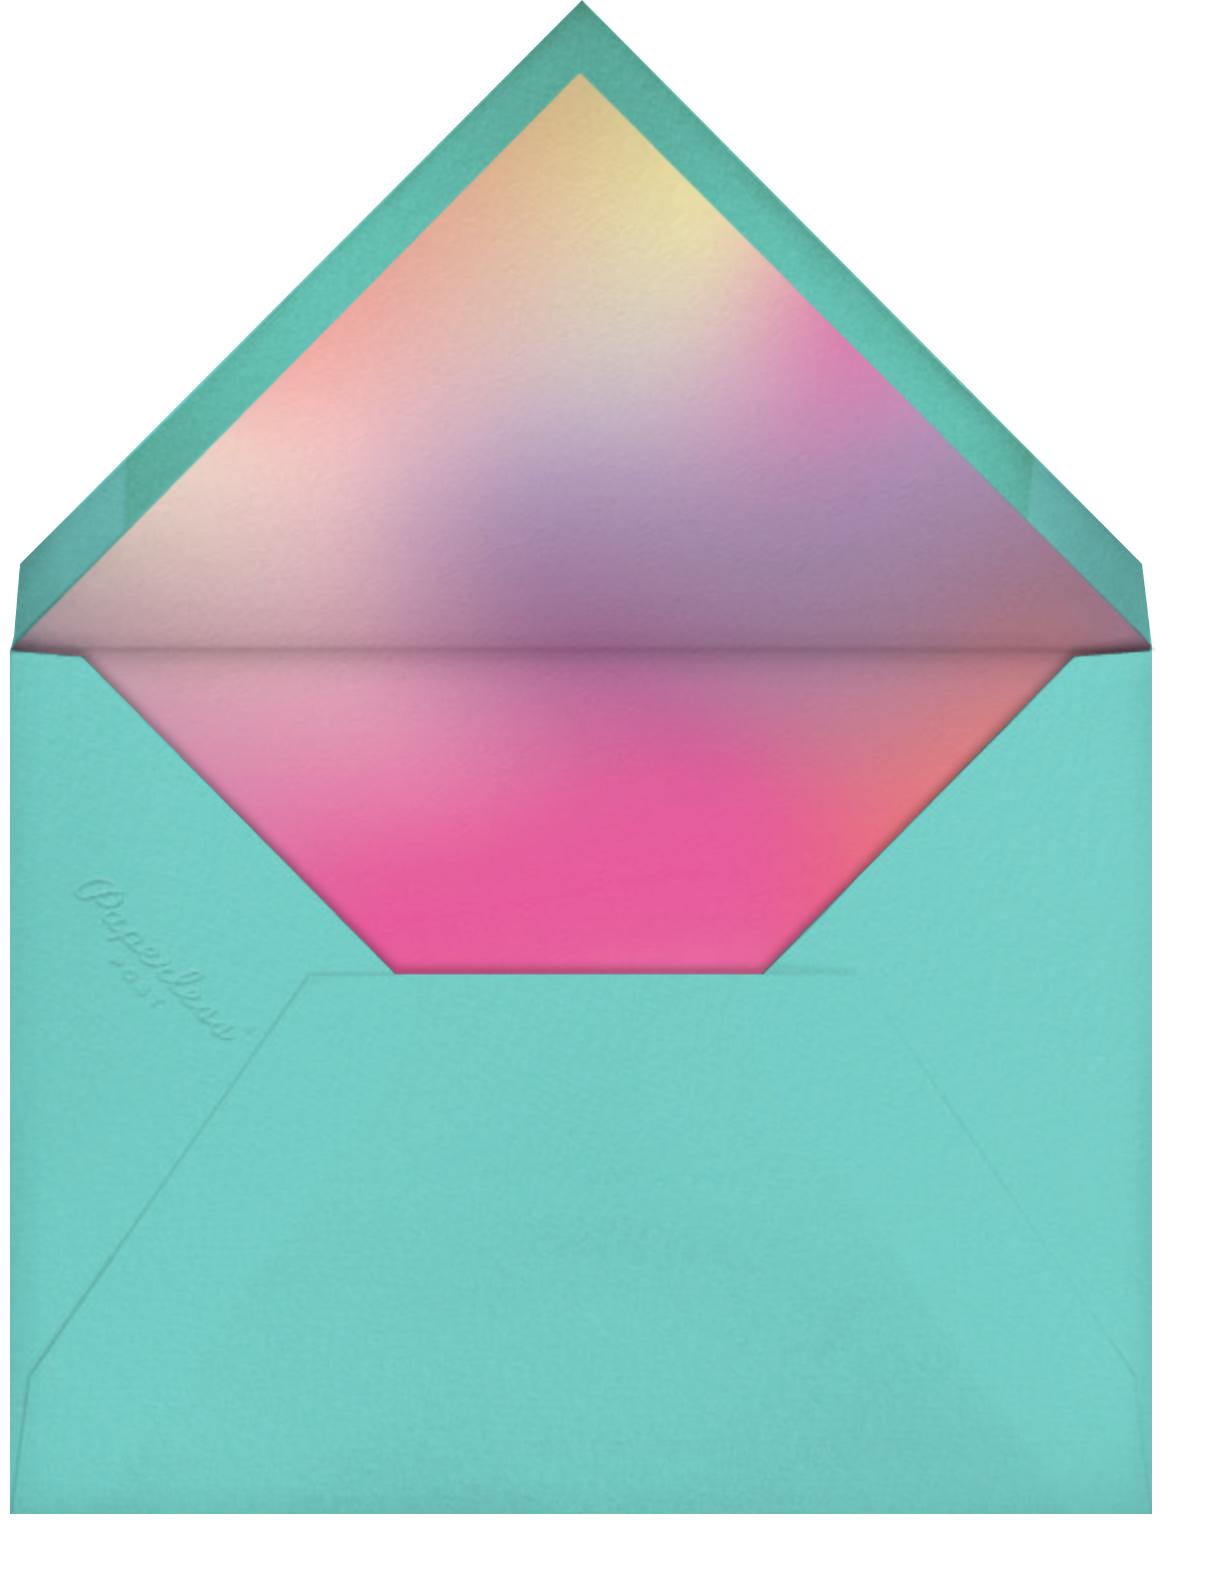 Bar Mitzvah Lighting (Photo) - Horizontal - Paperless Post - Bat and bar mitzvah - envelope back